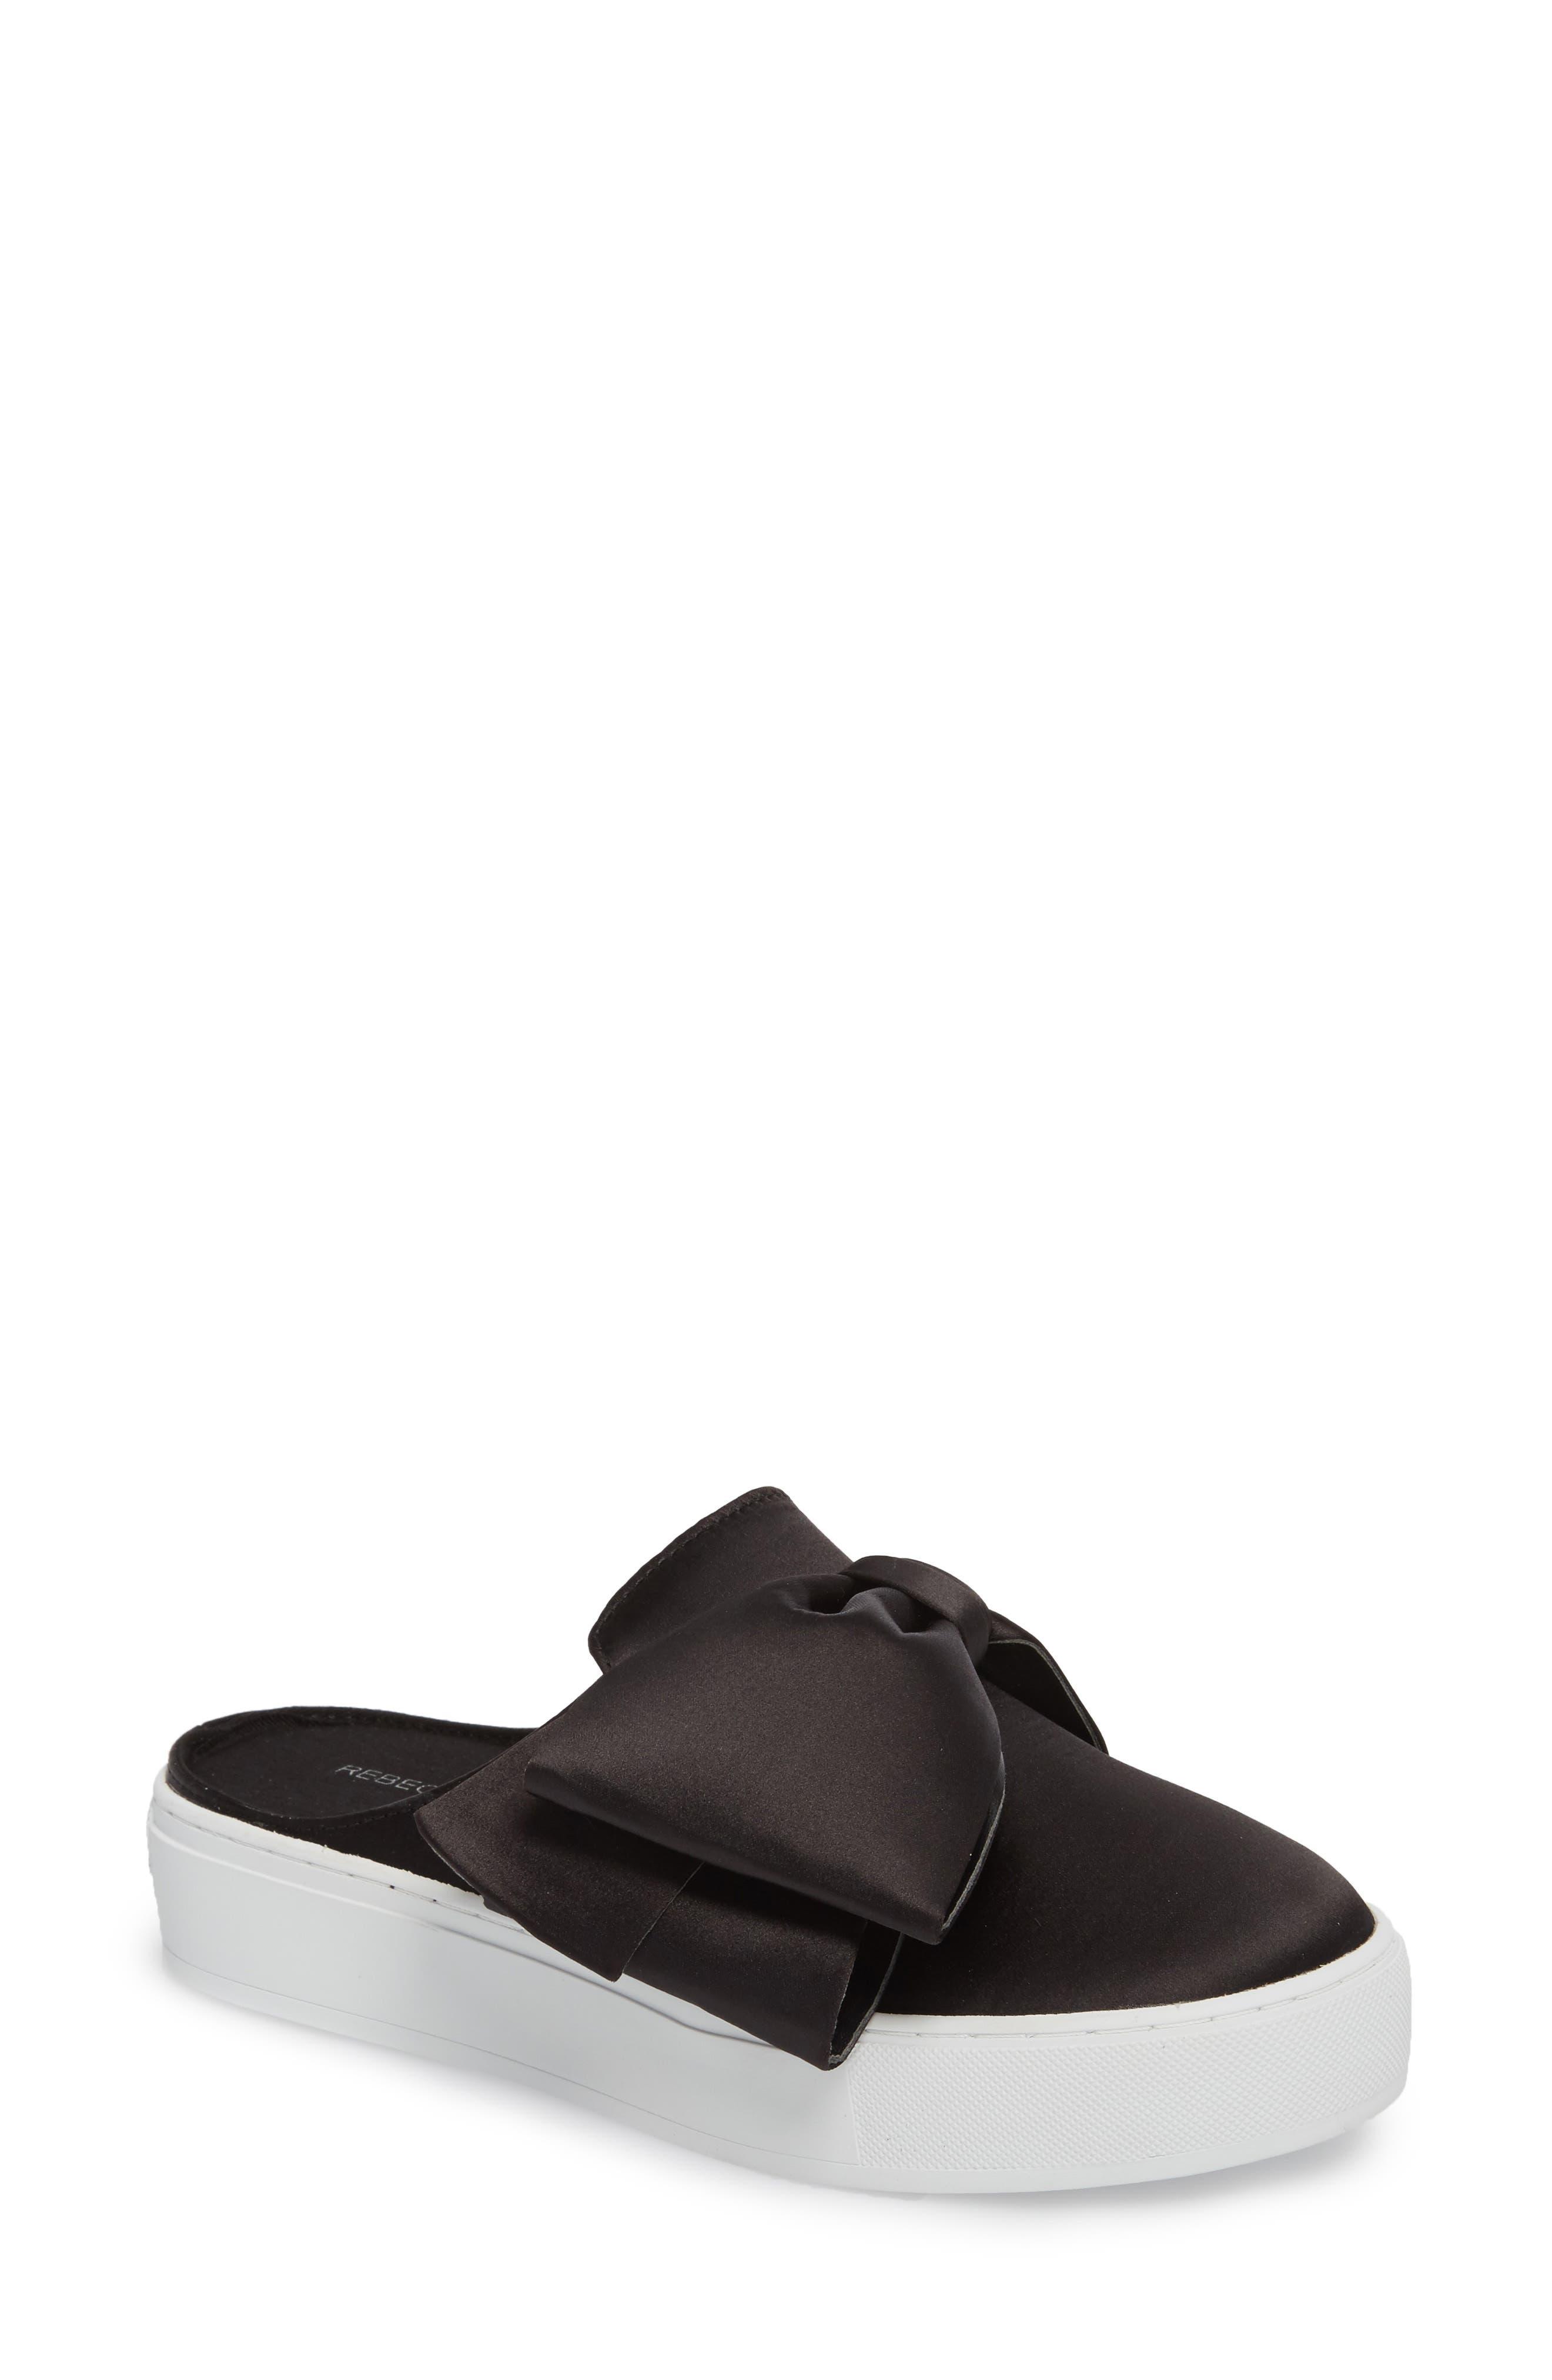 Neva Sneaker Mule,                         Main,                         color,